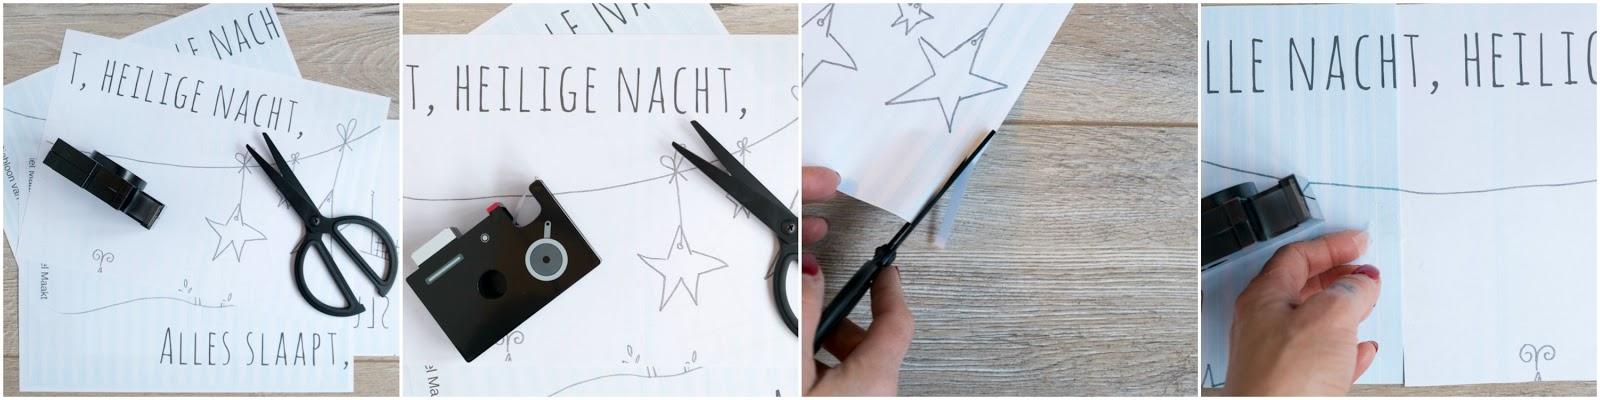 krijtstifttekening (raamtekening) uitleg